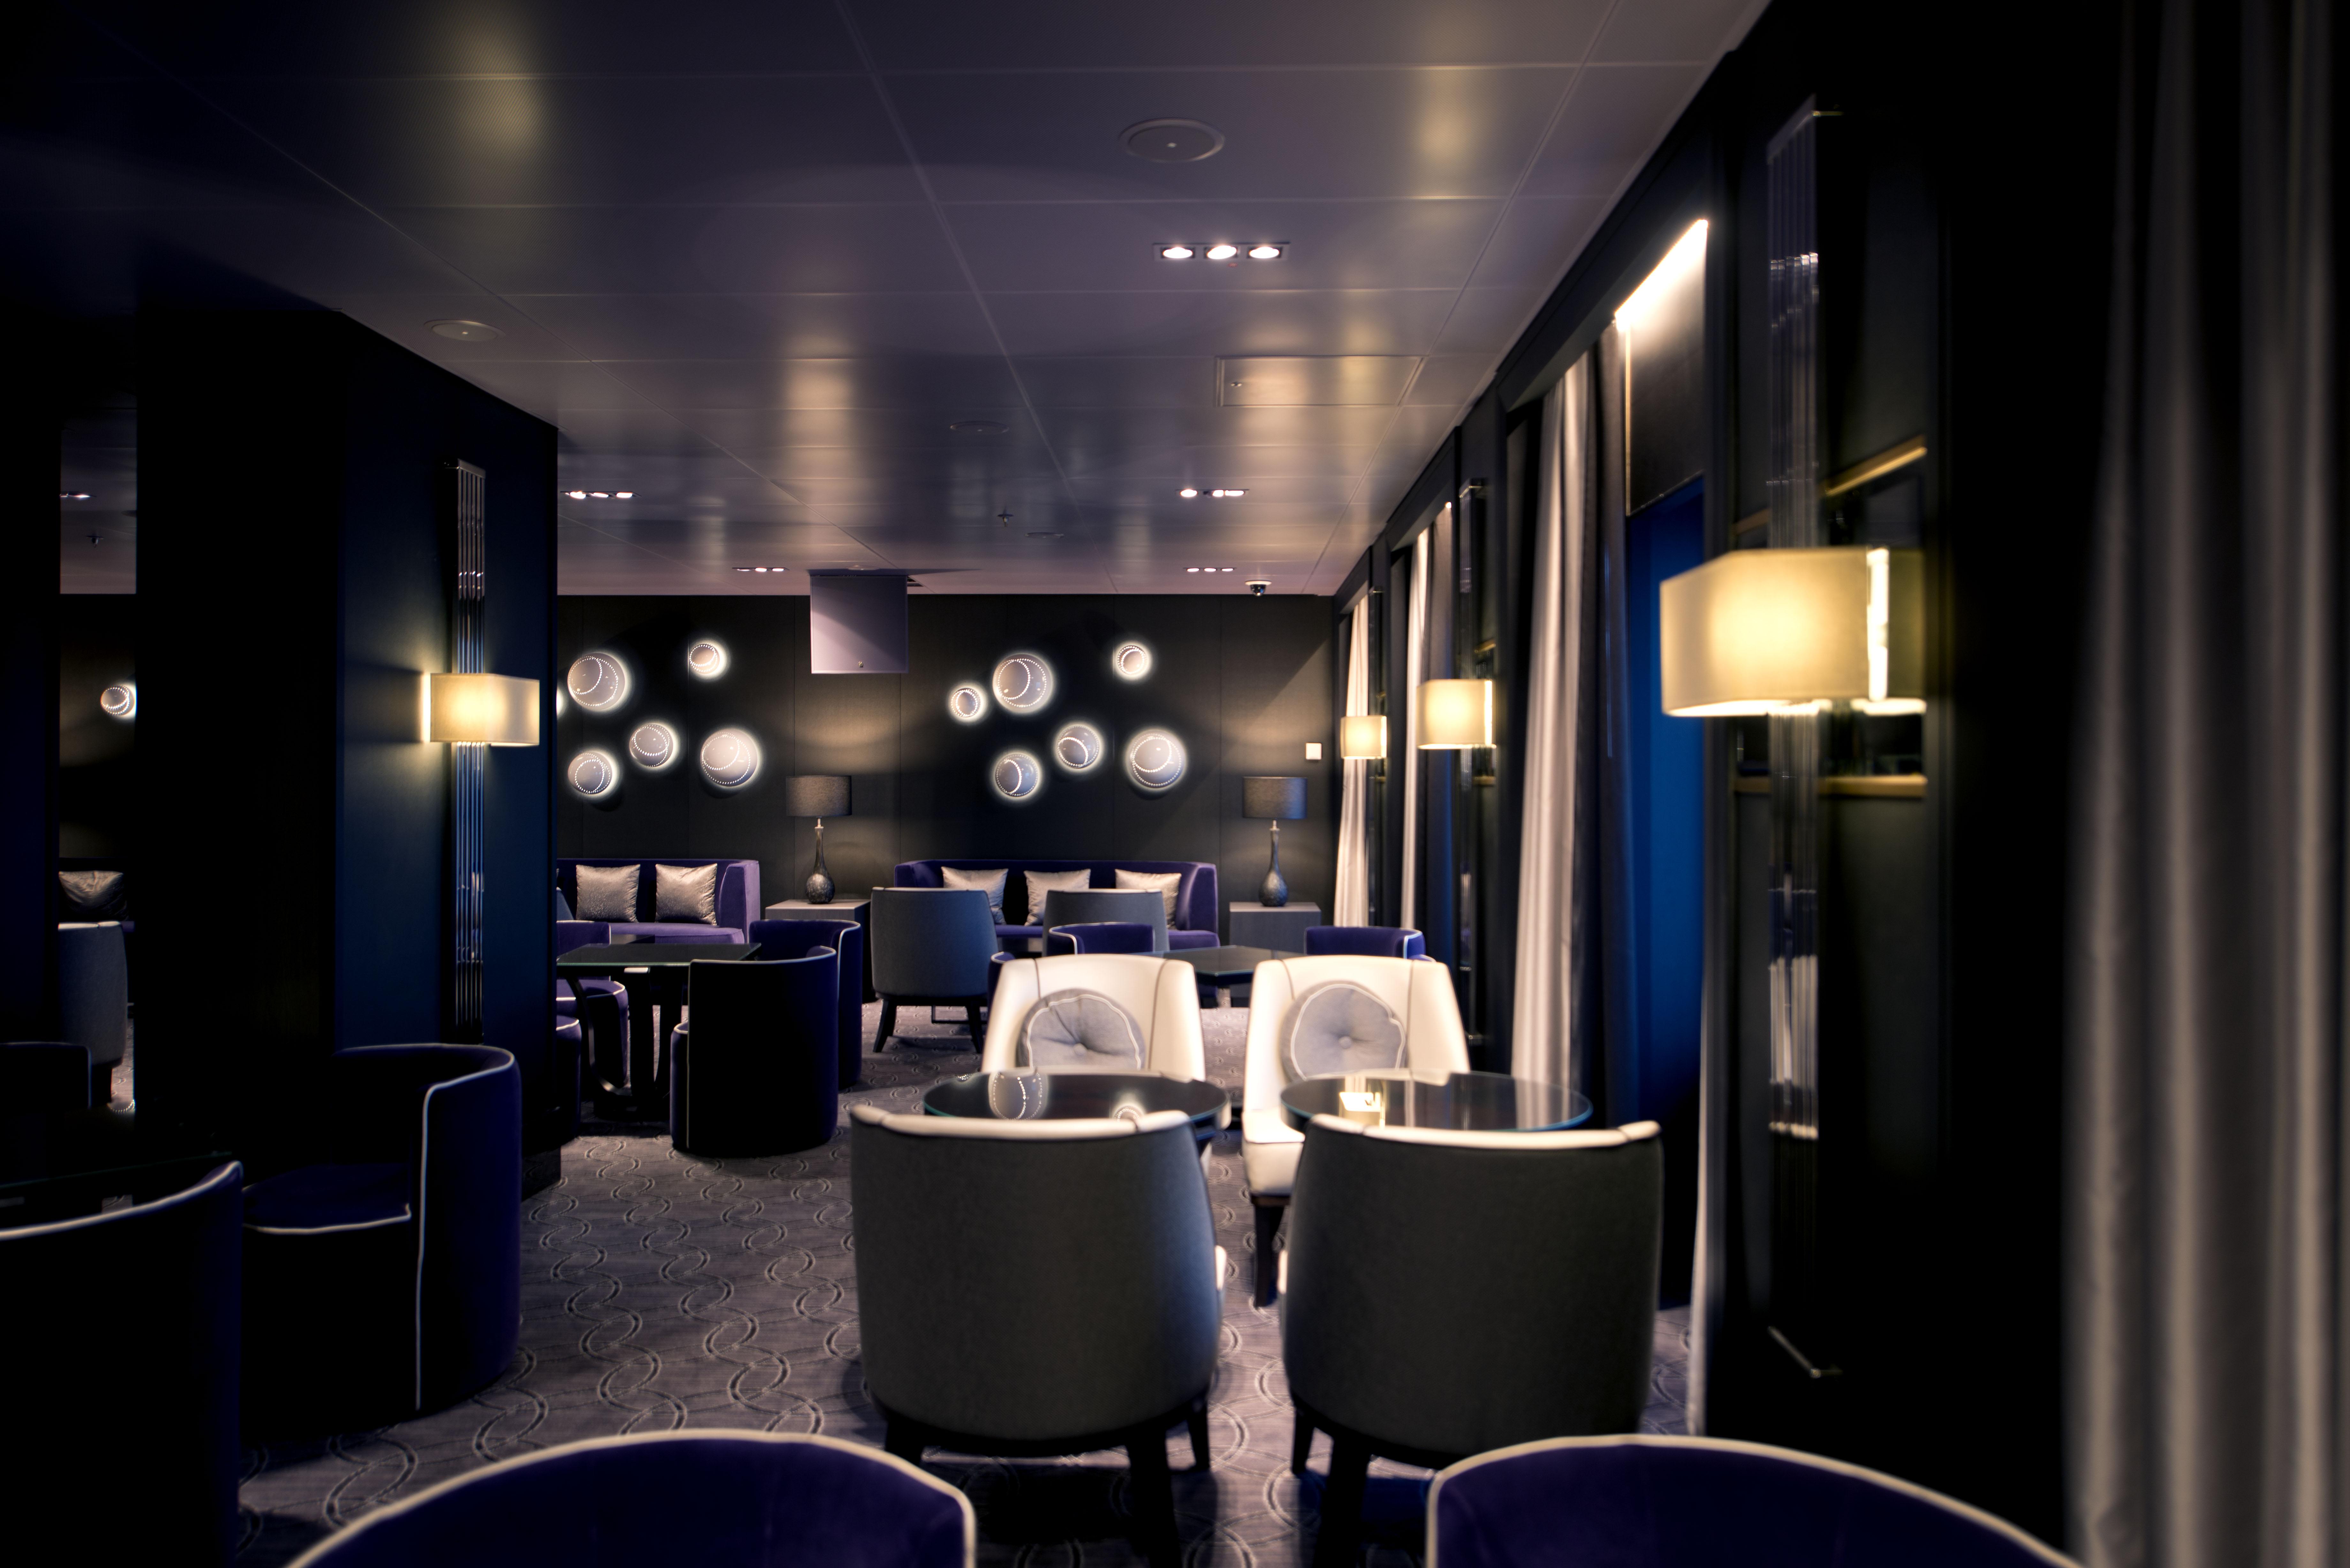 P&O Cruises Britannia Interior Blue Bar Mod D806614 [Tif 14714583802].jpg